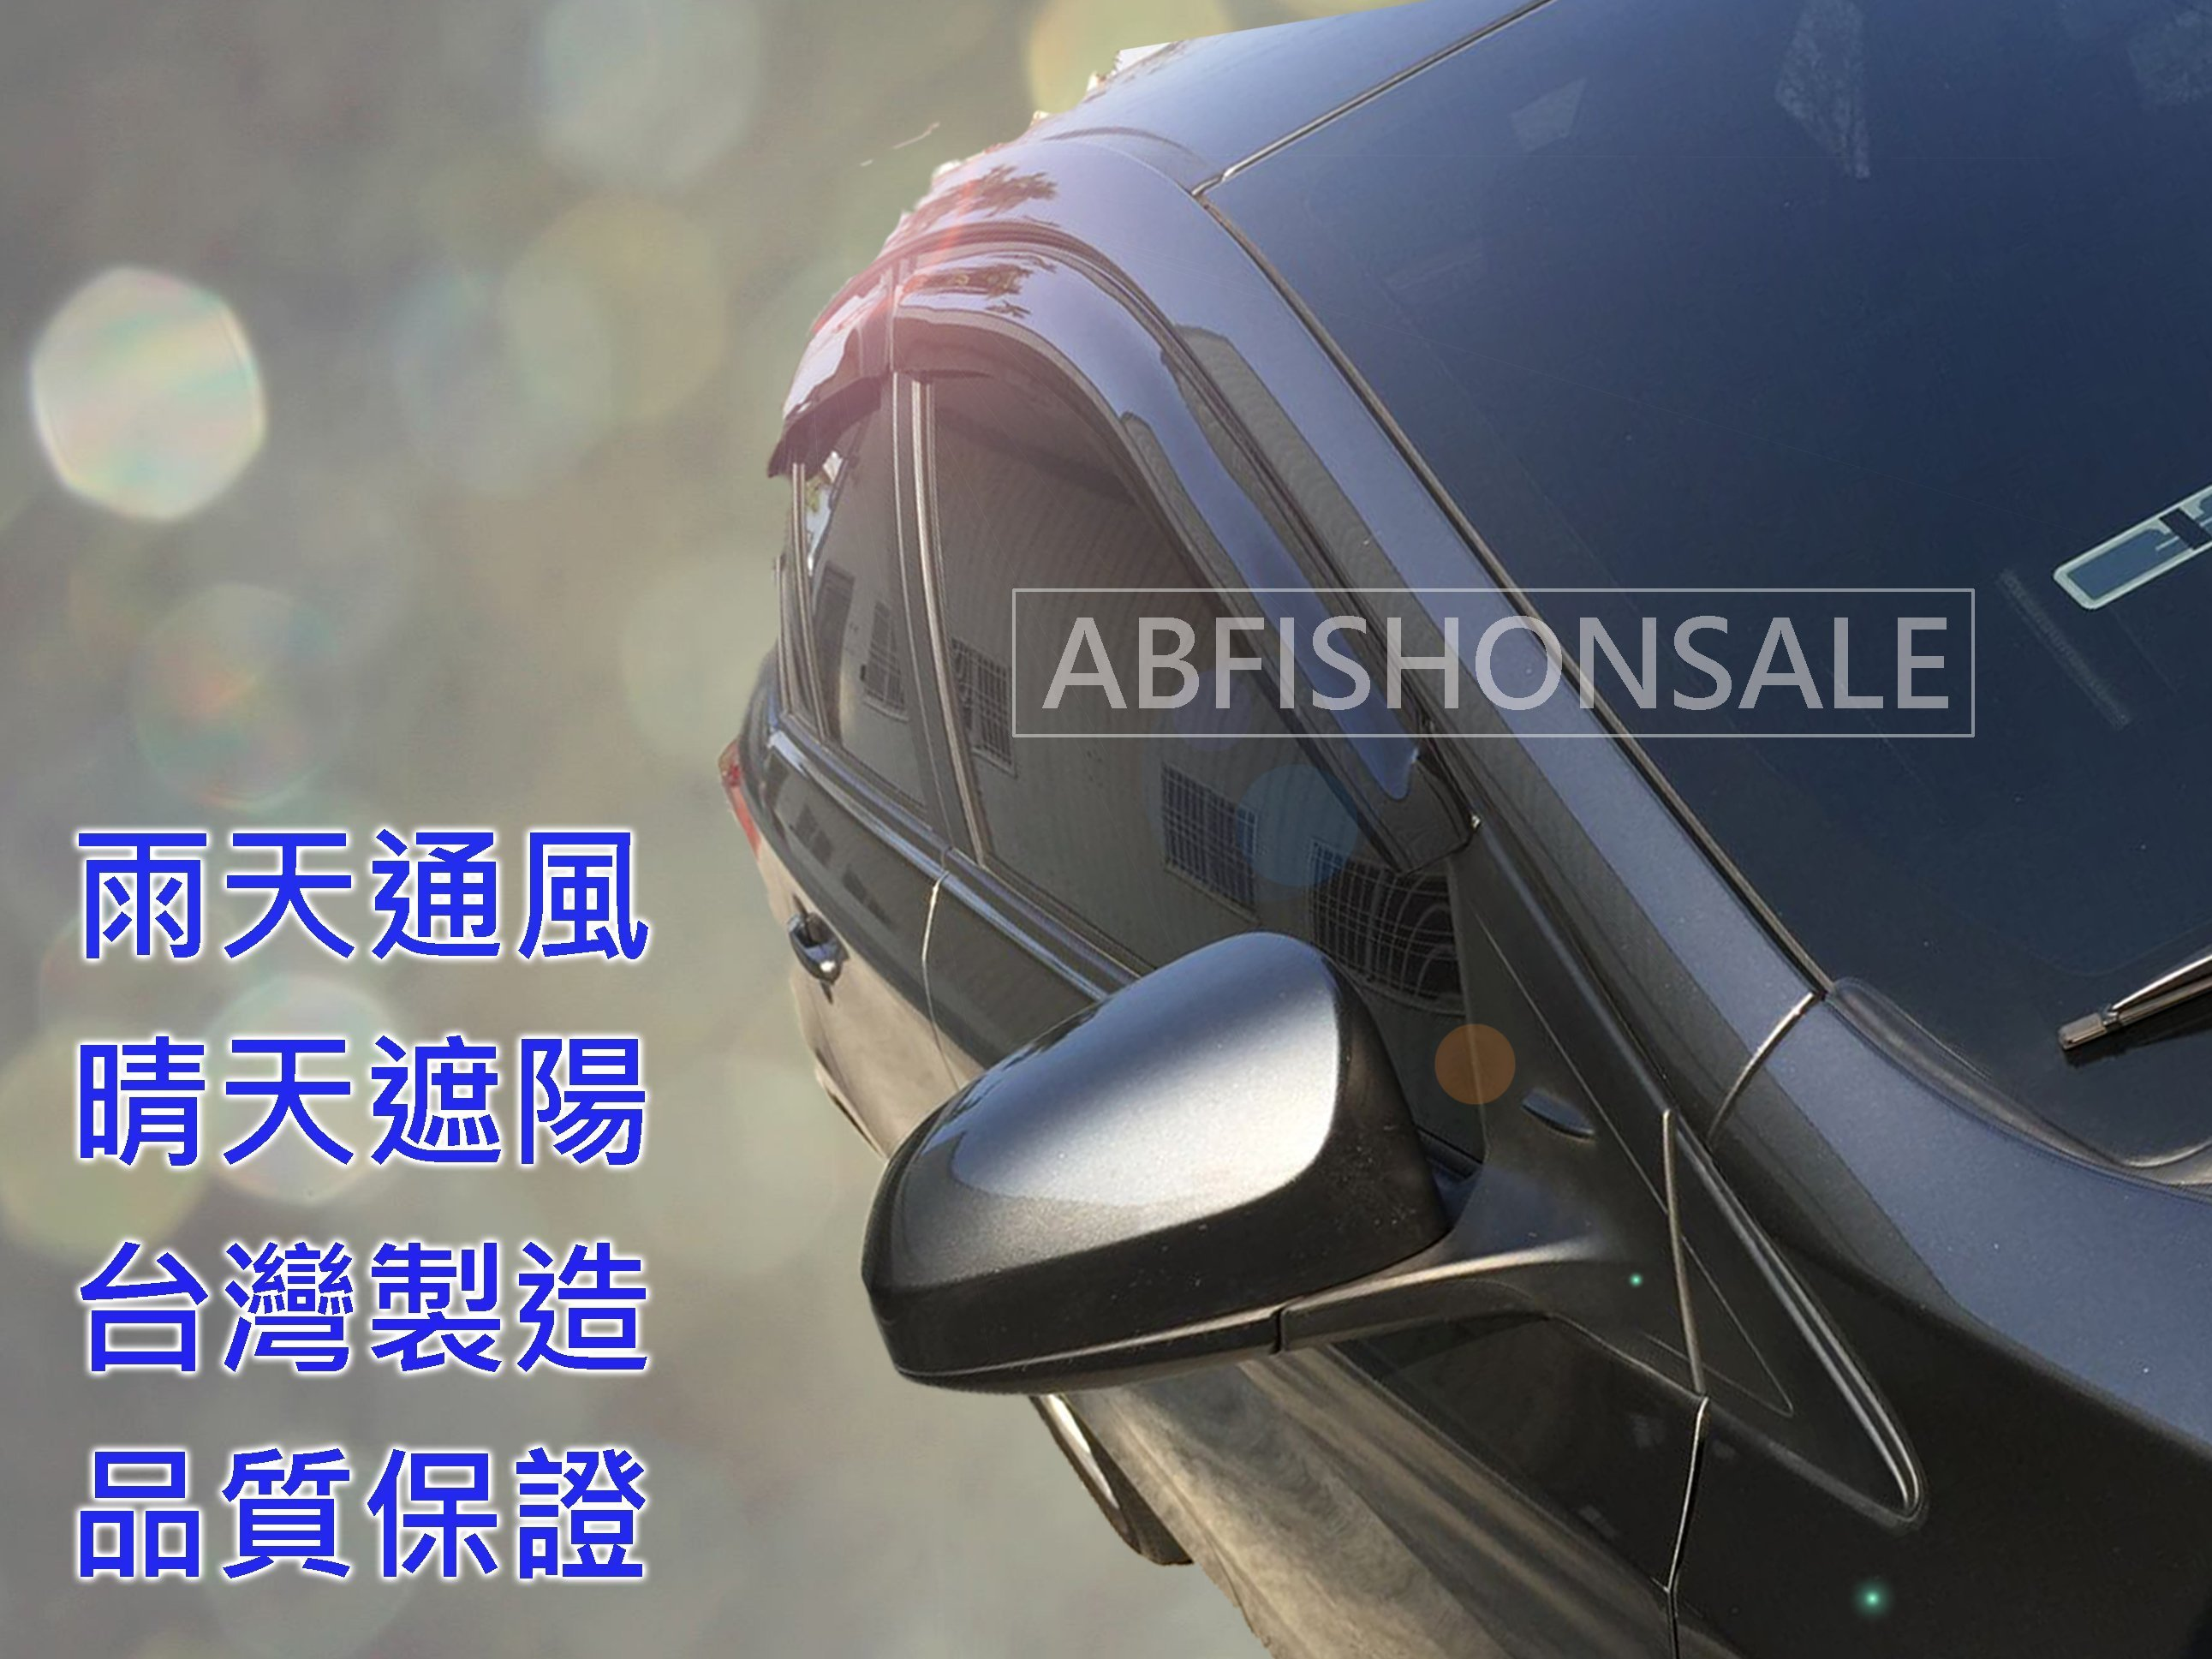 ♥♥♥比比晴雨窗 ♥♥♥11- Ford Focus 無限款 優質晴雨窗